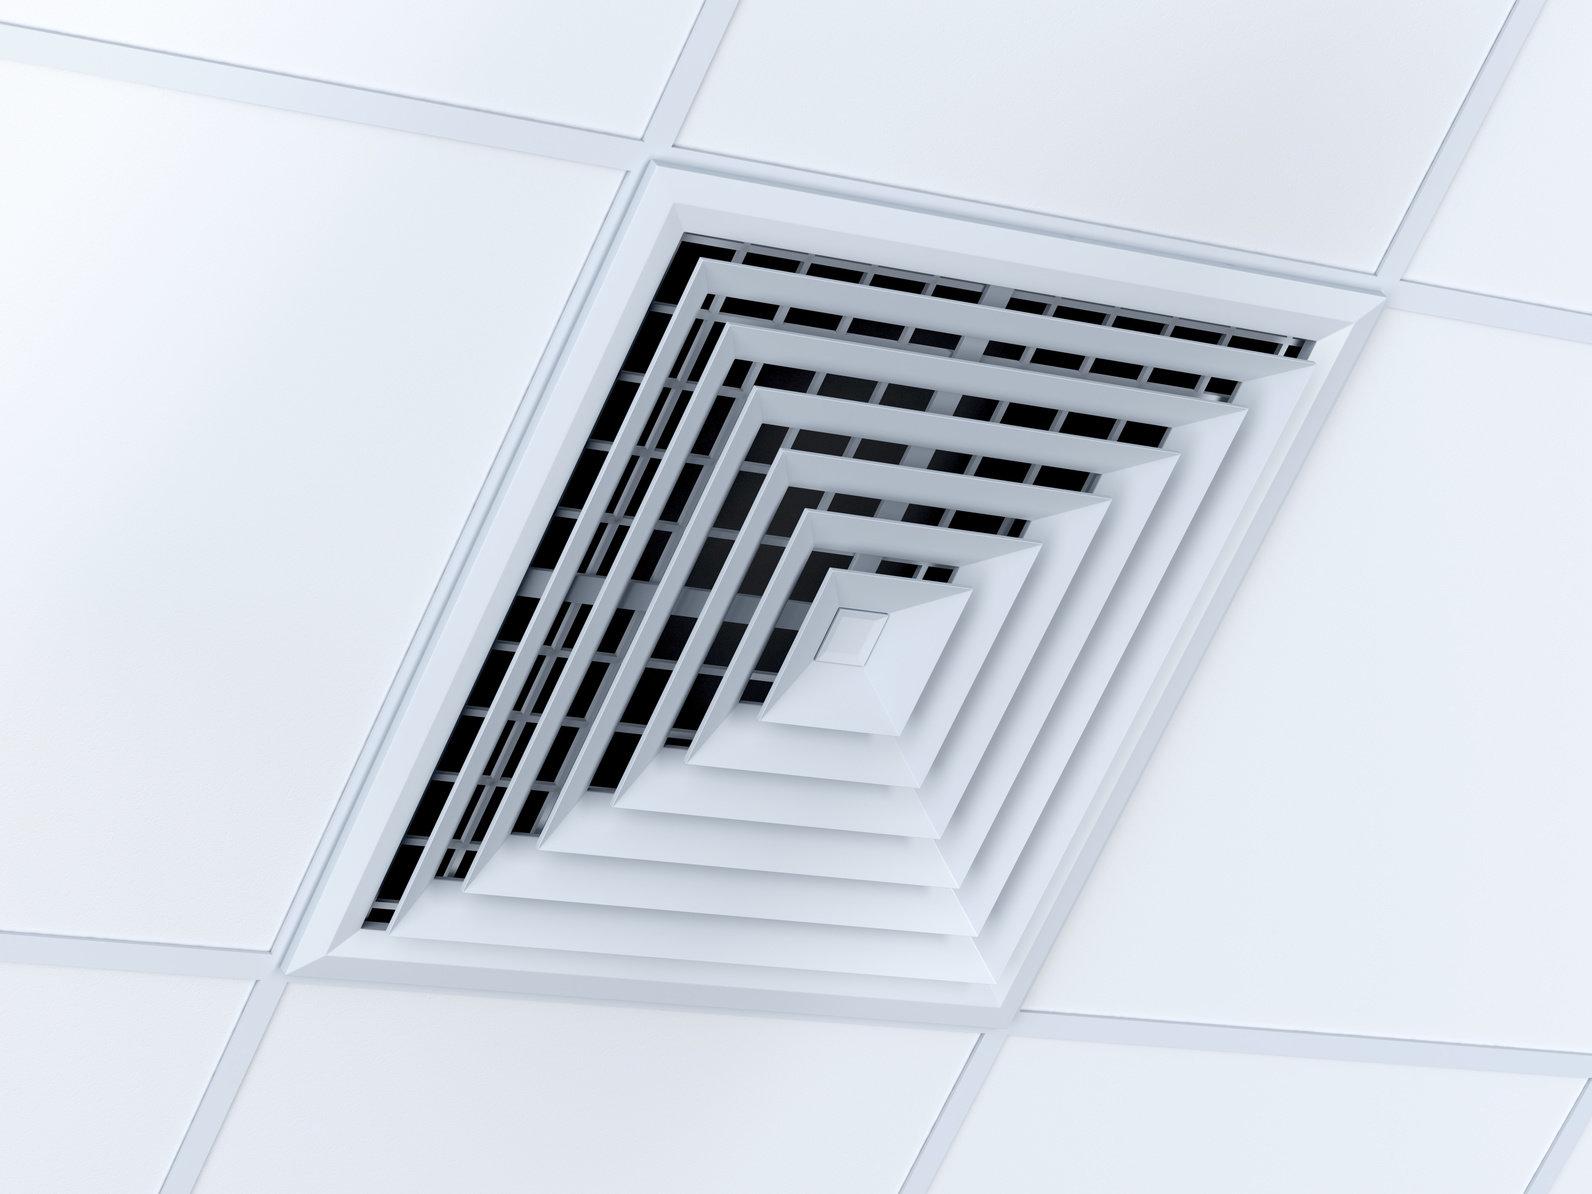 rejilla del aire acondicionado